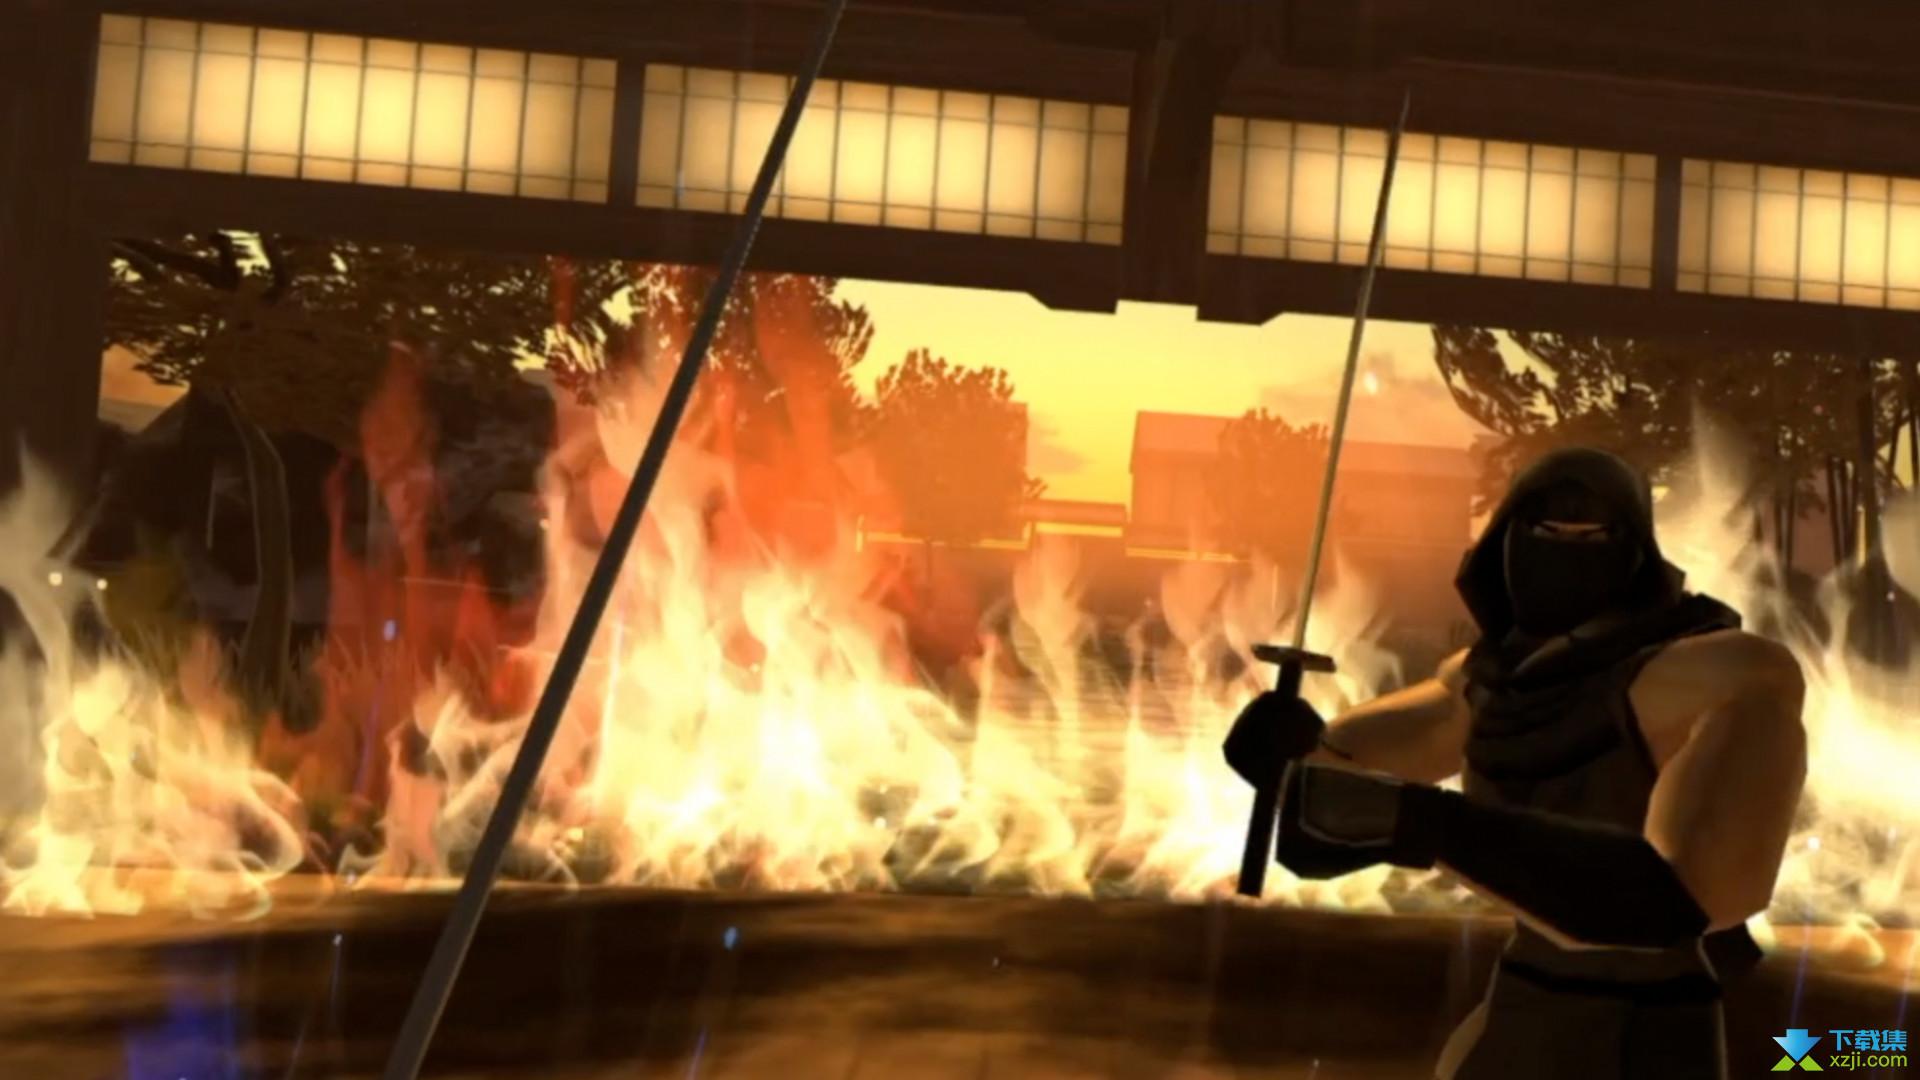 忍者传说界面4